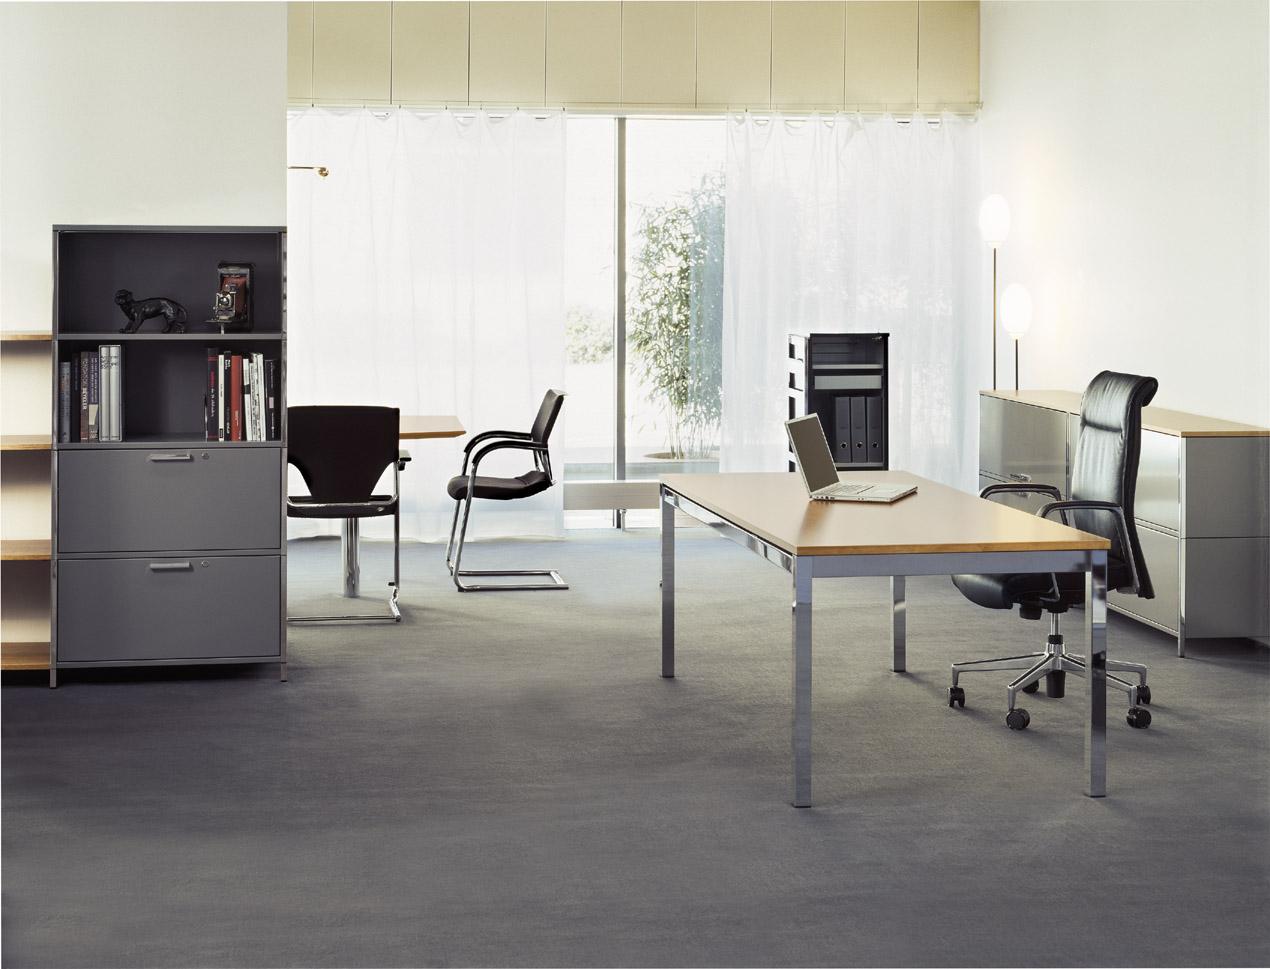 H + S Bürosysteme - Ihr Büroeinrichtungshaus in Landau/Pfalz